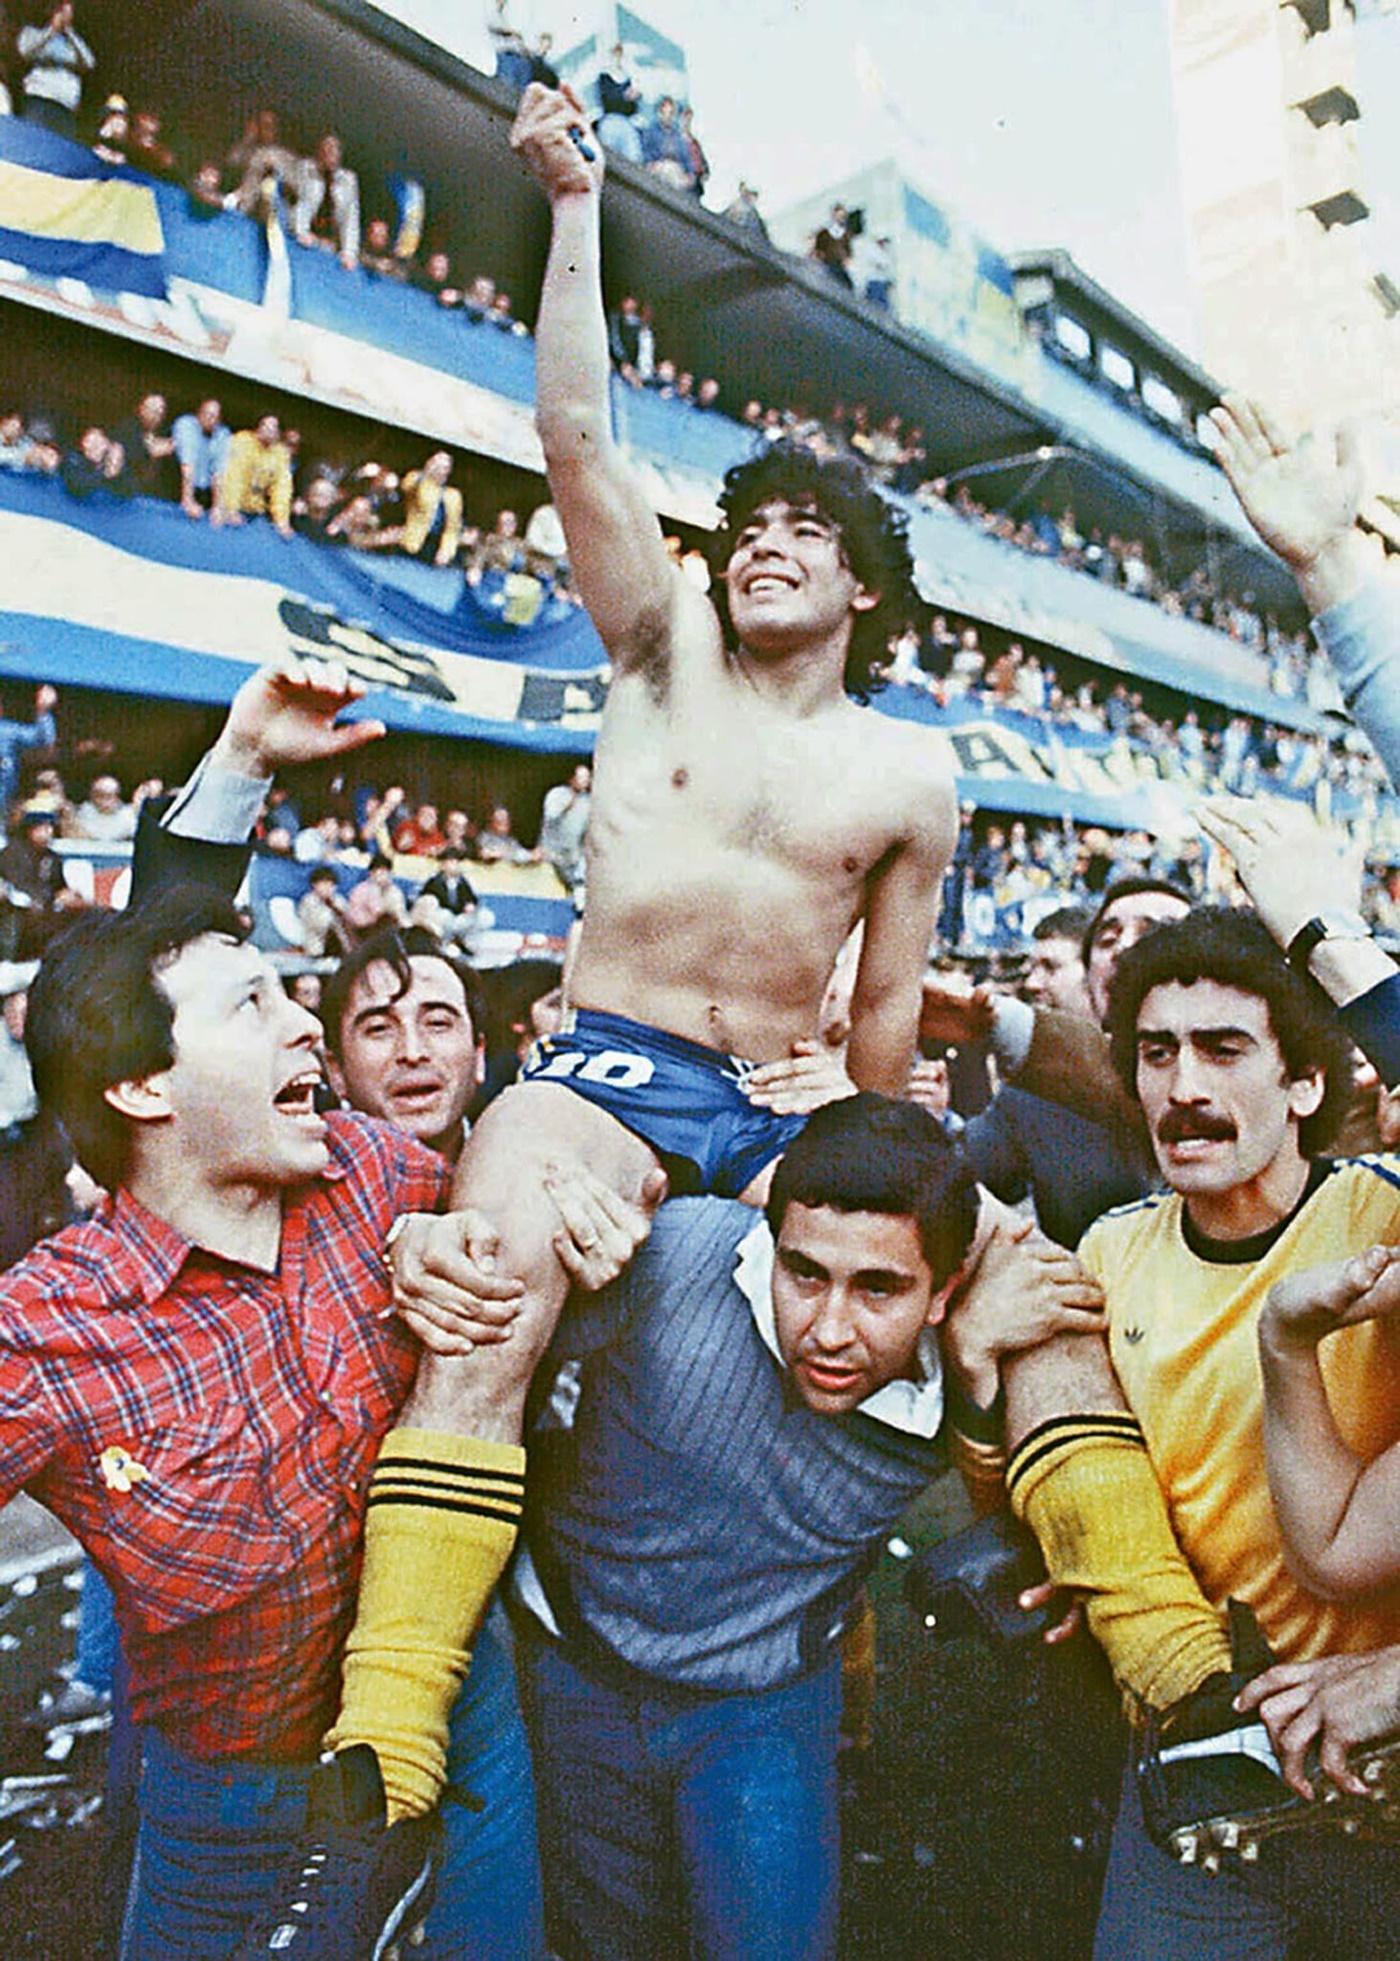 Cuộc đời và sự nghiệp của huyền thoại Maradona qua ảnh -0